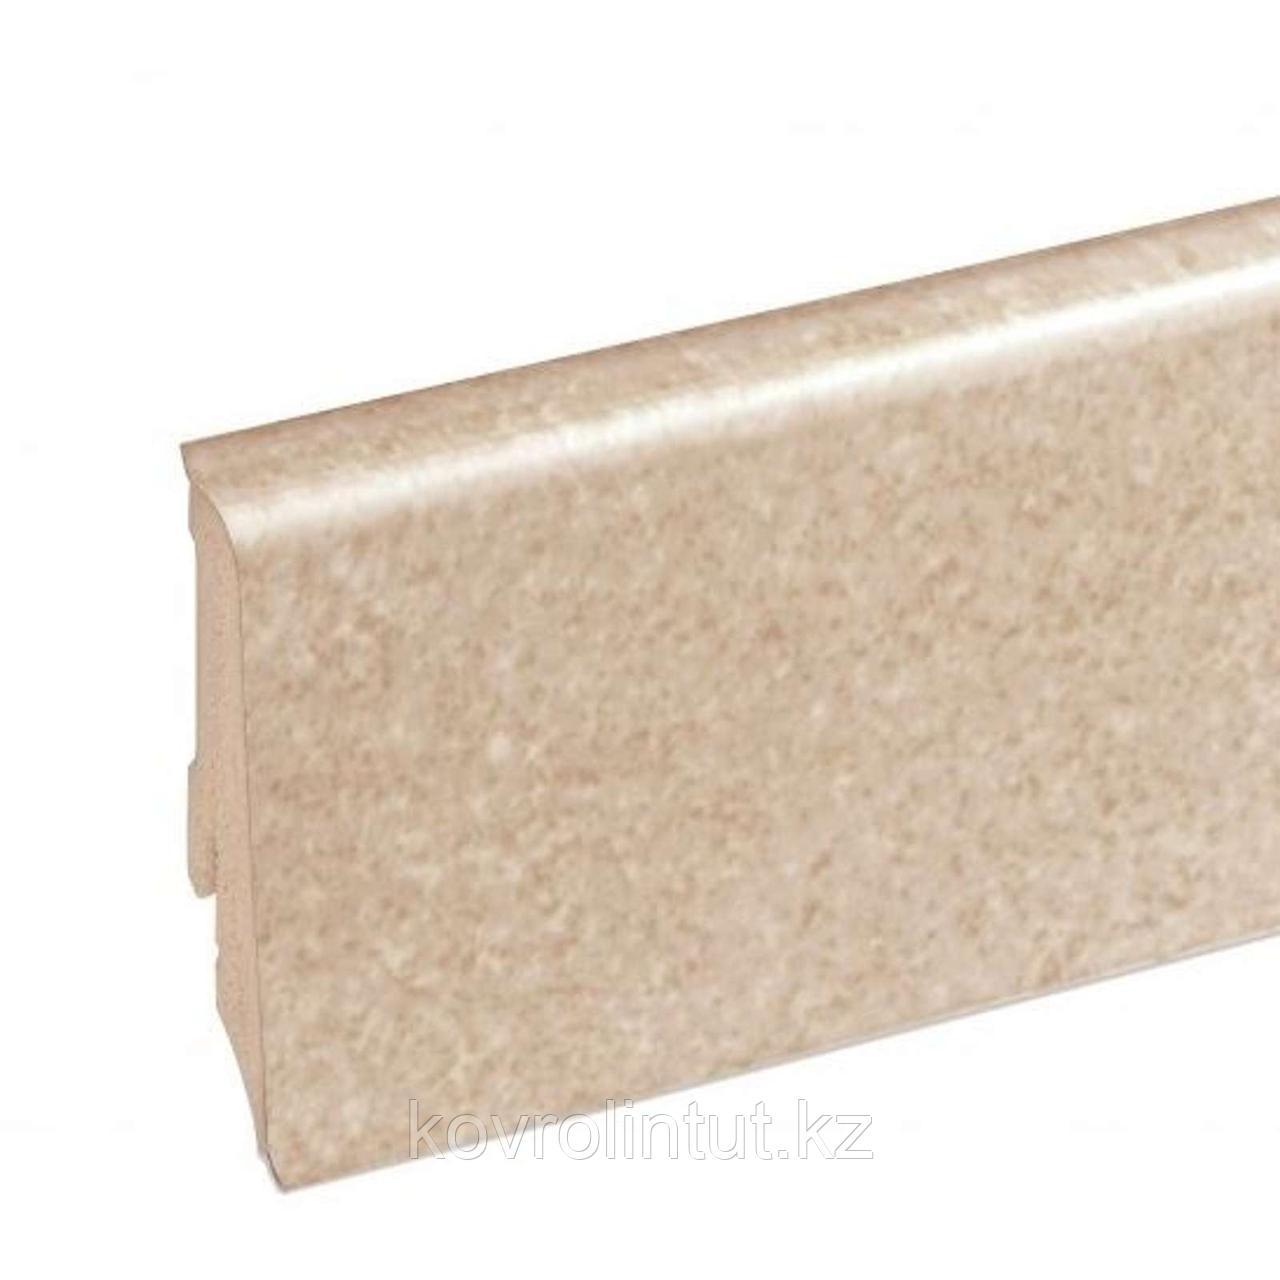 Плинтус композитный для LVT Neuhofer Holz, K0210L, 714470, 2400х59х17 мм